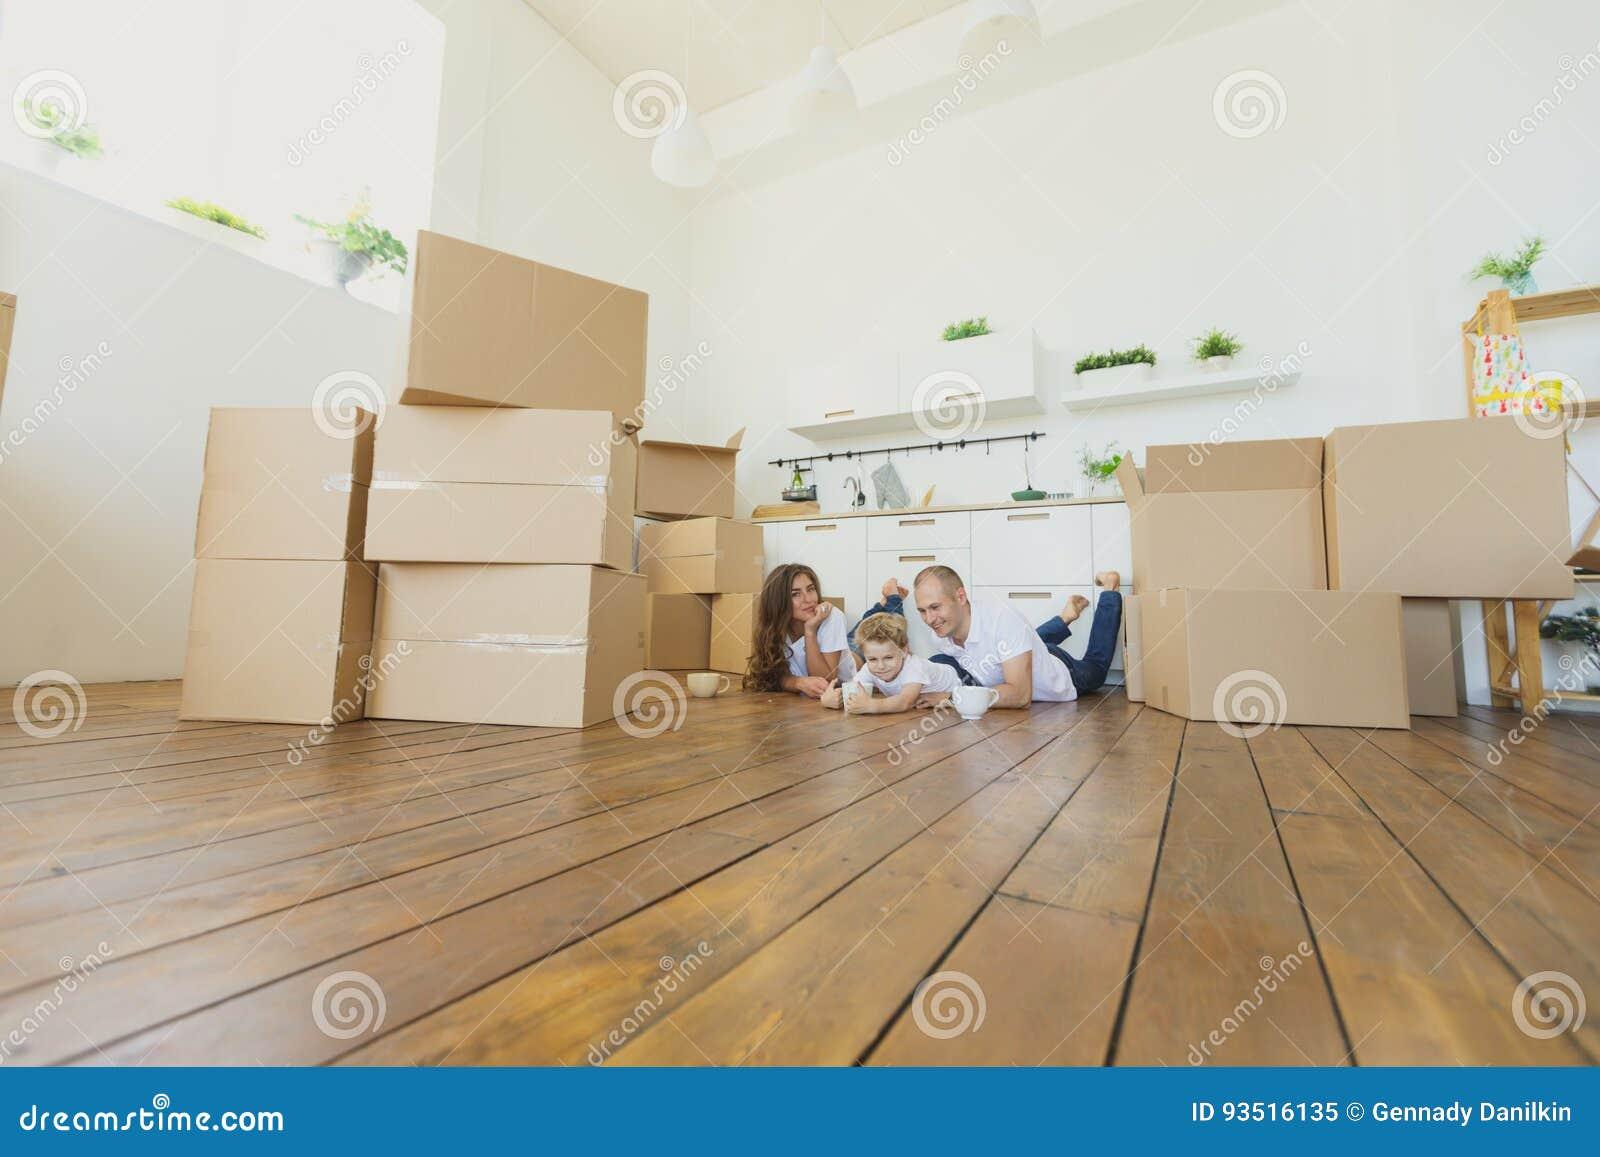 Mover-se para uma HOME nova Família feliz com caixas de cartão